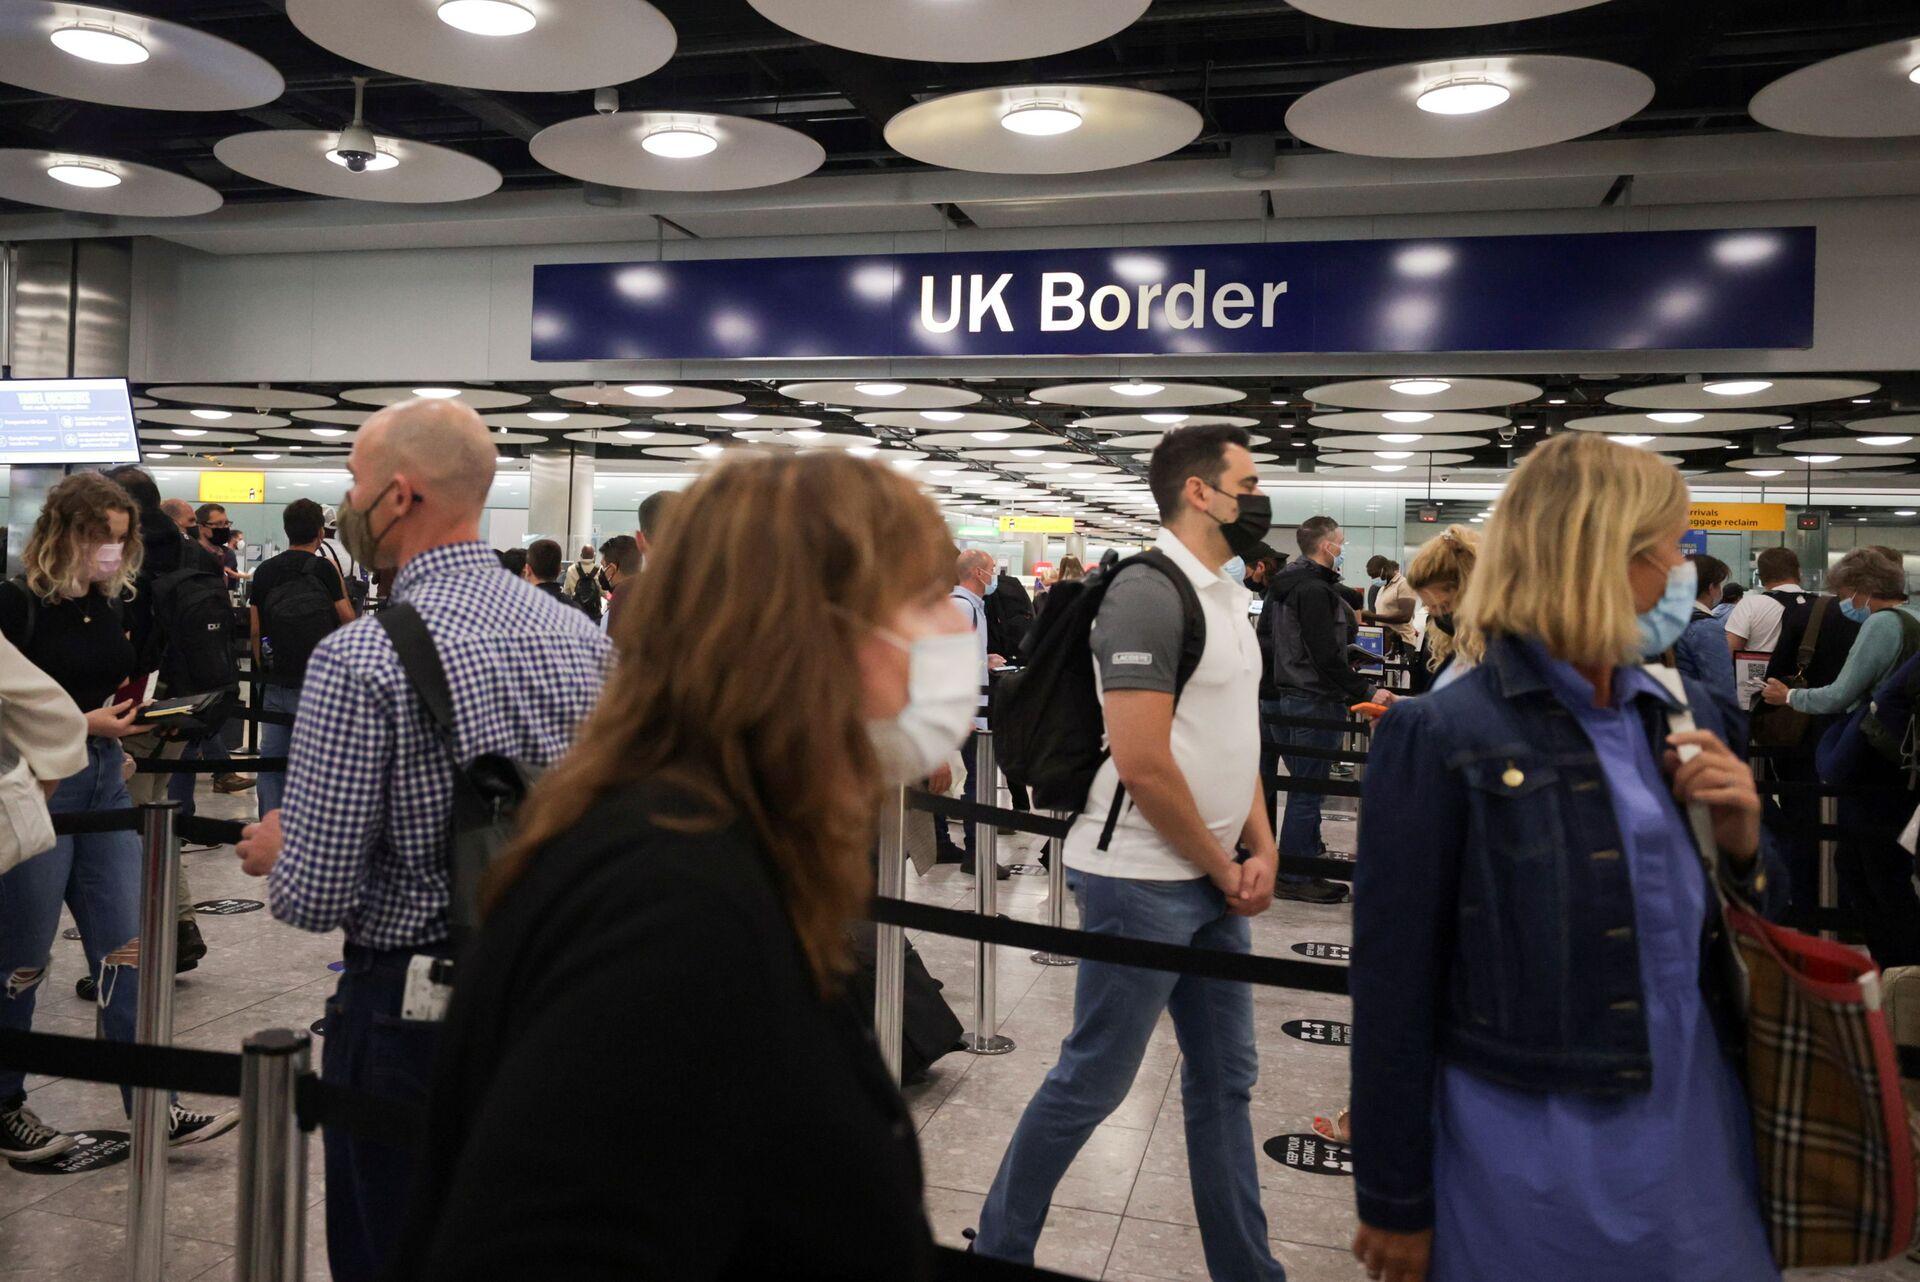 Arriving passengers queue at UK Border Control at the Terminal 5 at Heathrow Airport in London, Britain June 29, 2021 - Sputnik International, 1920, 07.09.2021